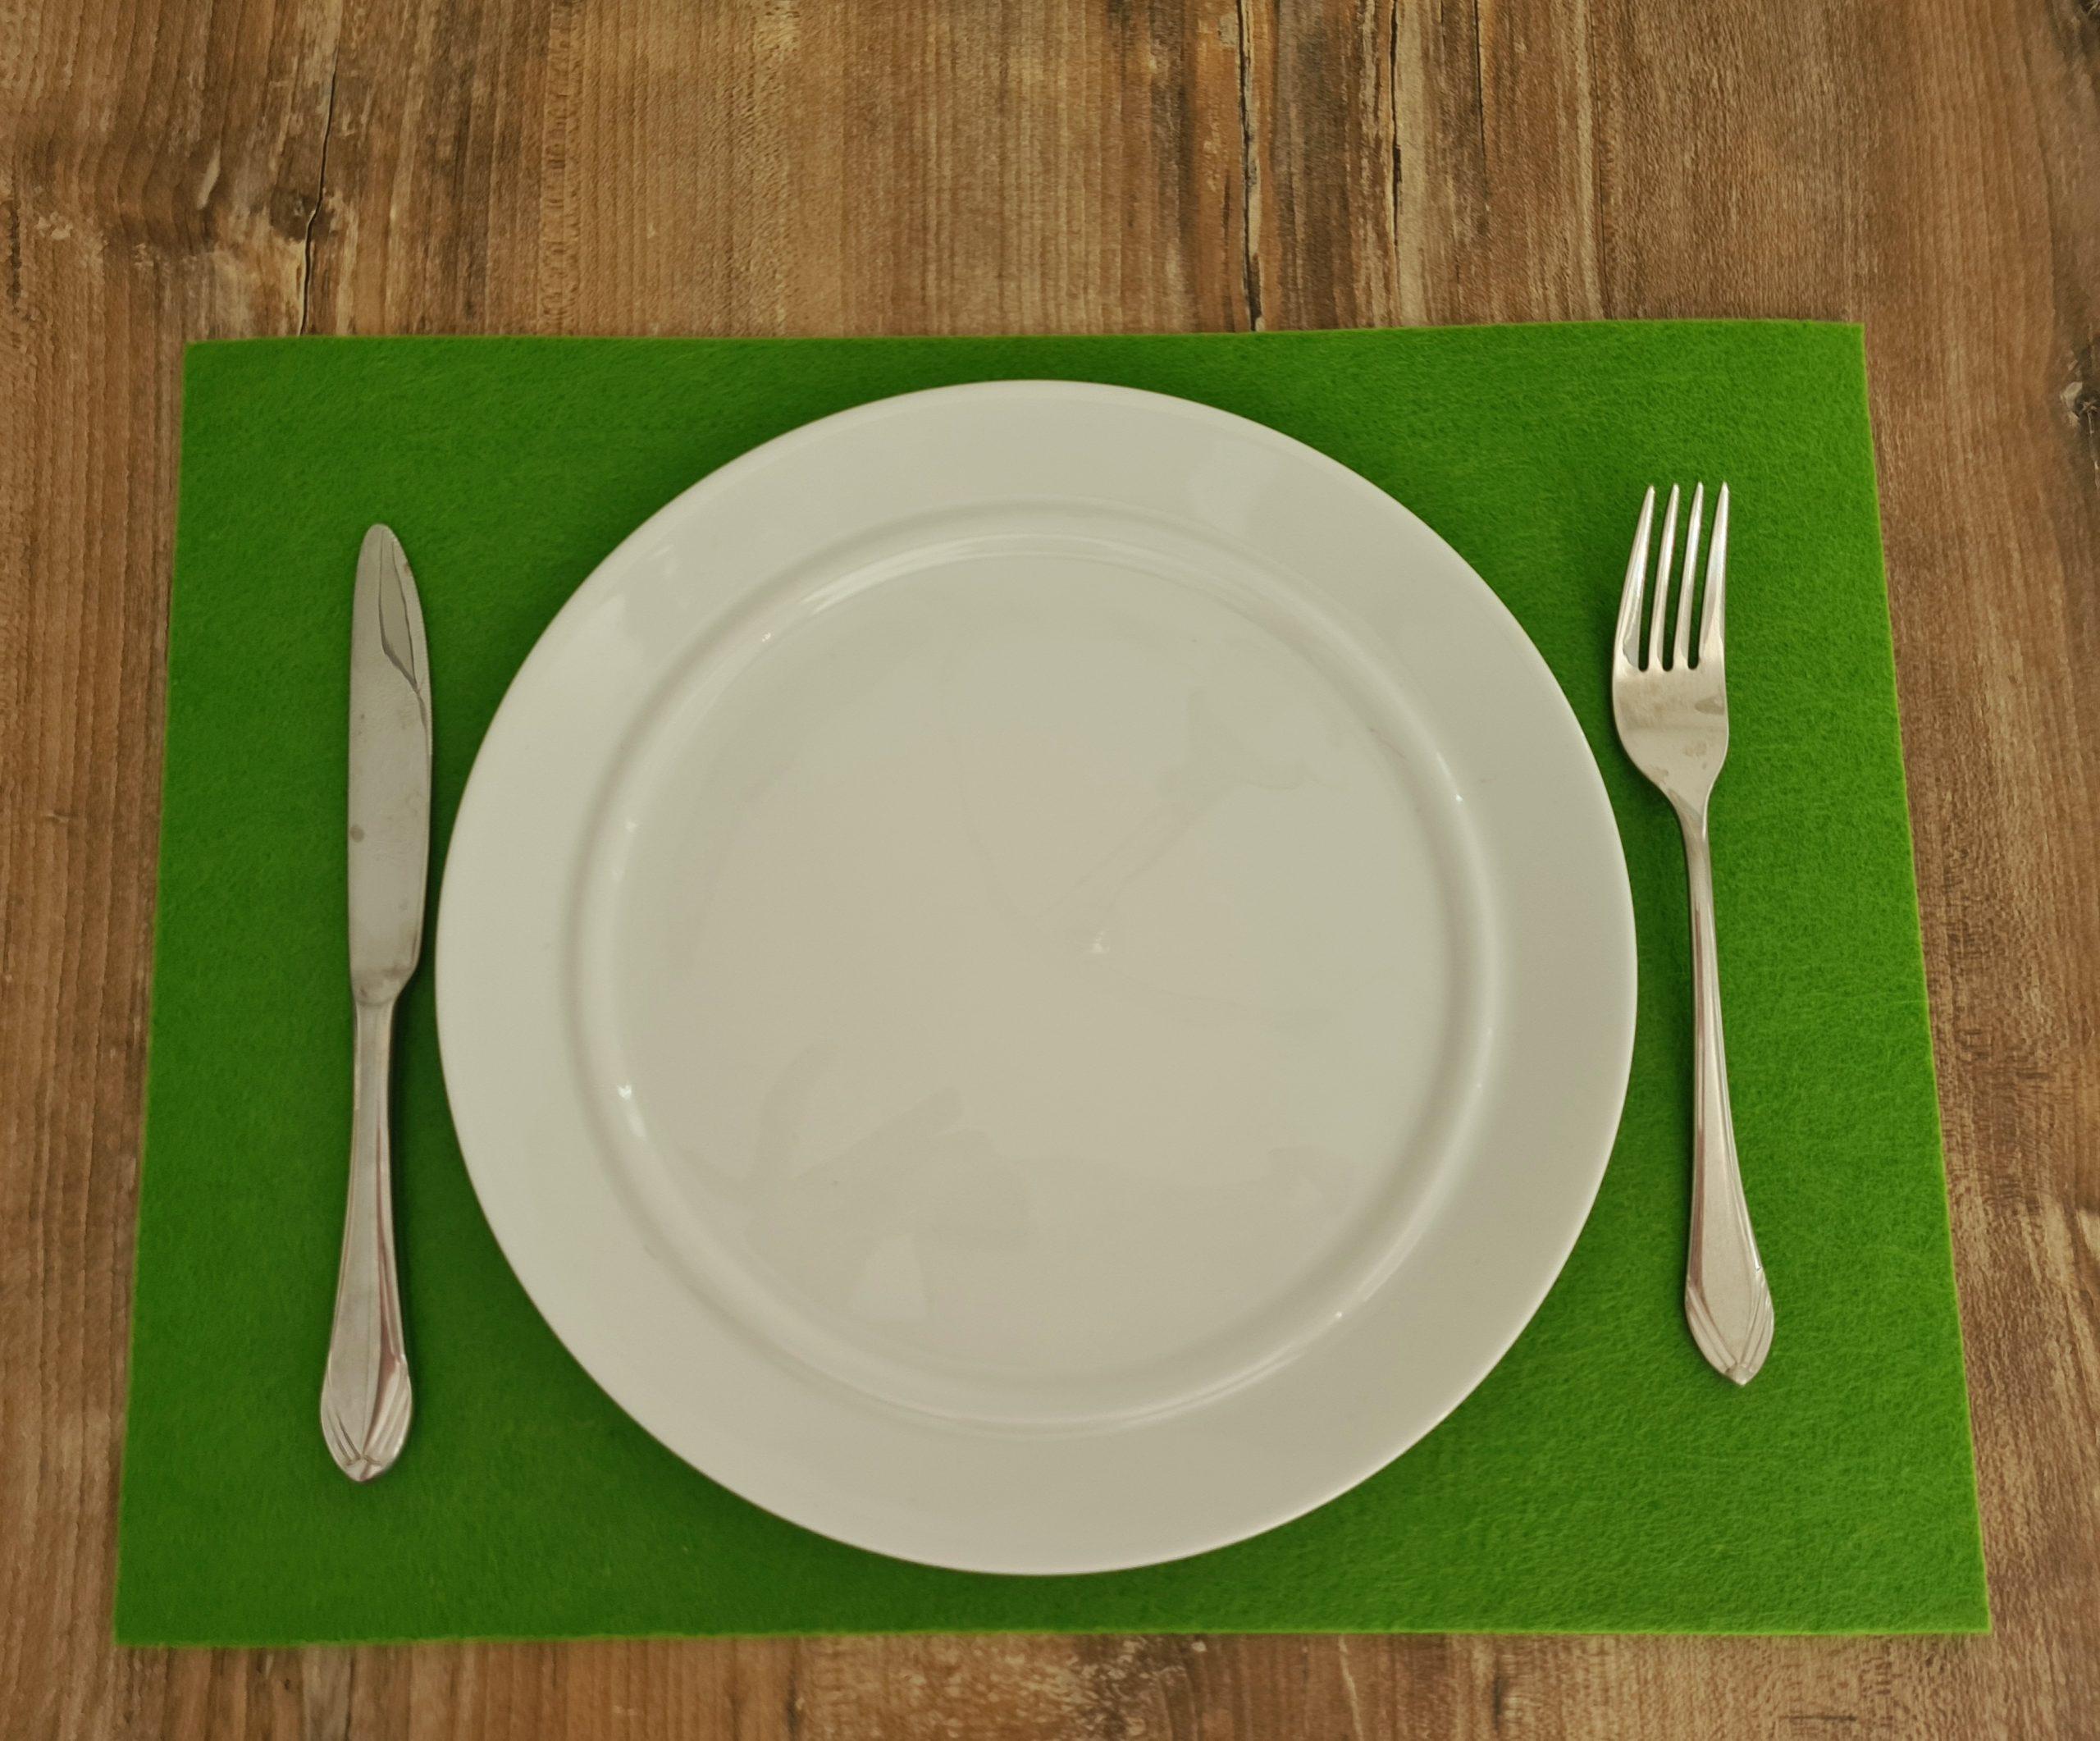 Grüner Filz-Untersetzter quadratisch mit Teller und Besteck - Handgemachte individualisierbare Taschen, Körbe, Tischsets, Dekoartikel und mehr auf fideko.de der Onlineshop seit 2011